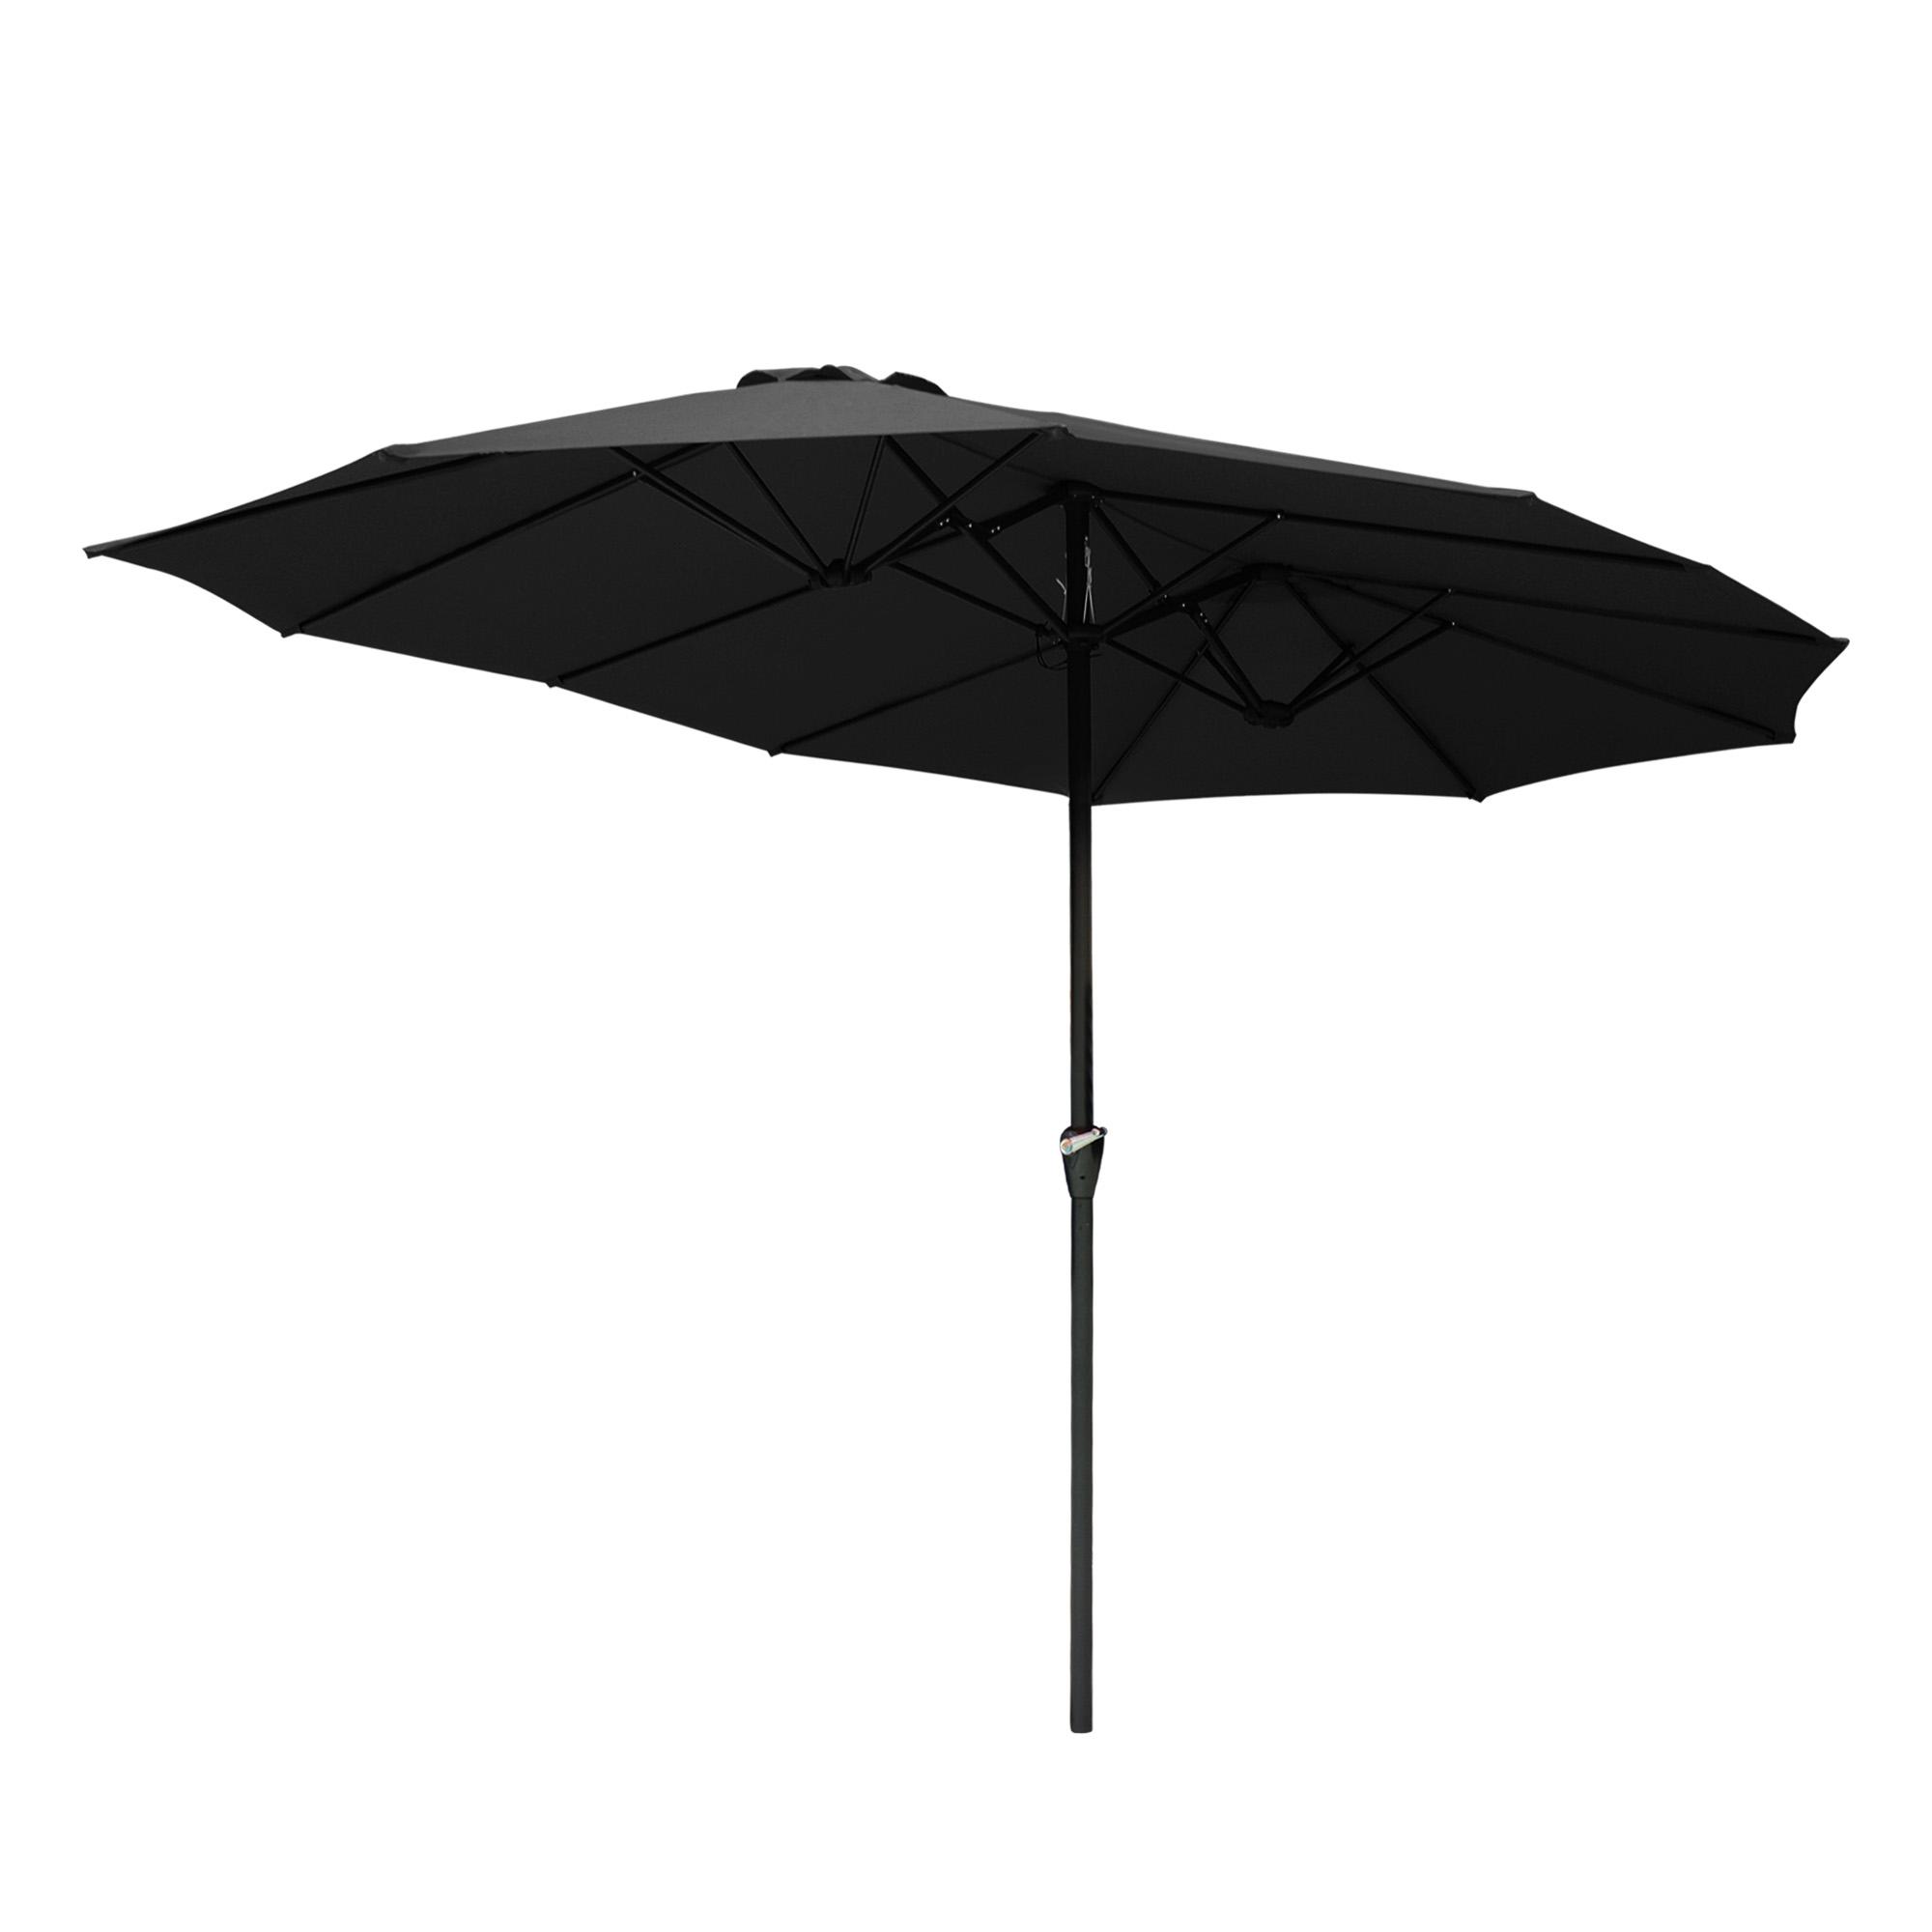 thumbnail 23 - 15ft Patio Twin Umbrella Double-sided Market Crank Outdoor Garden Parasol Shade